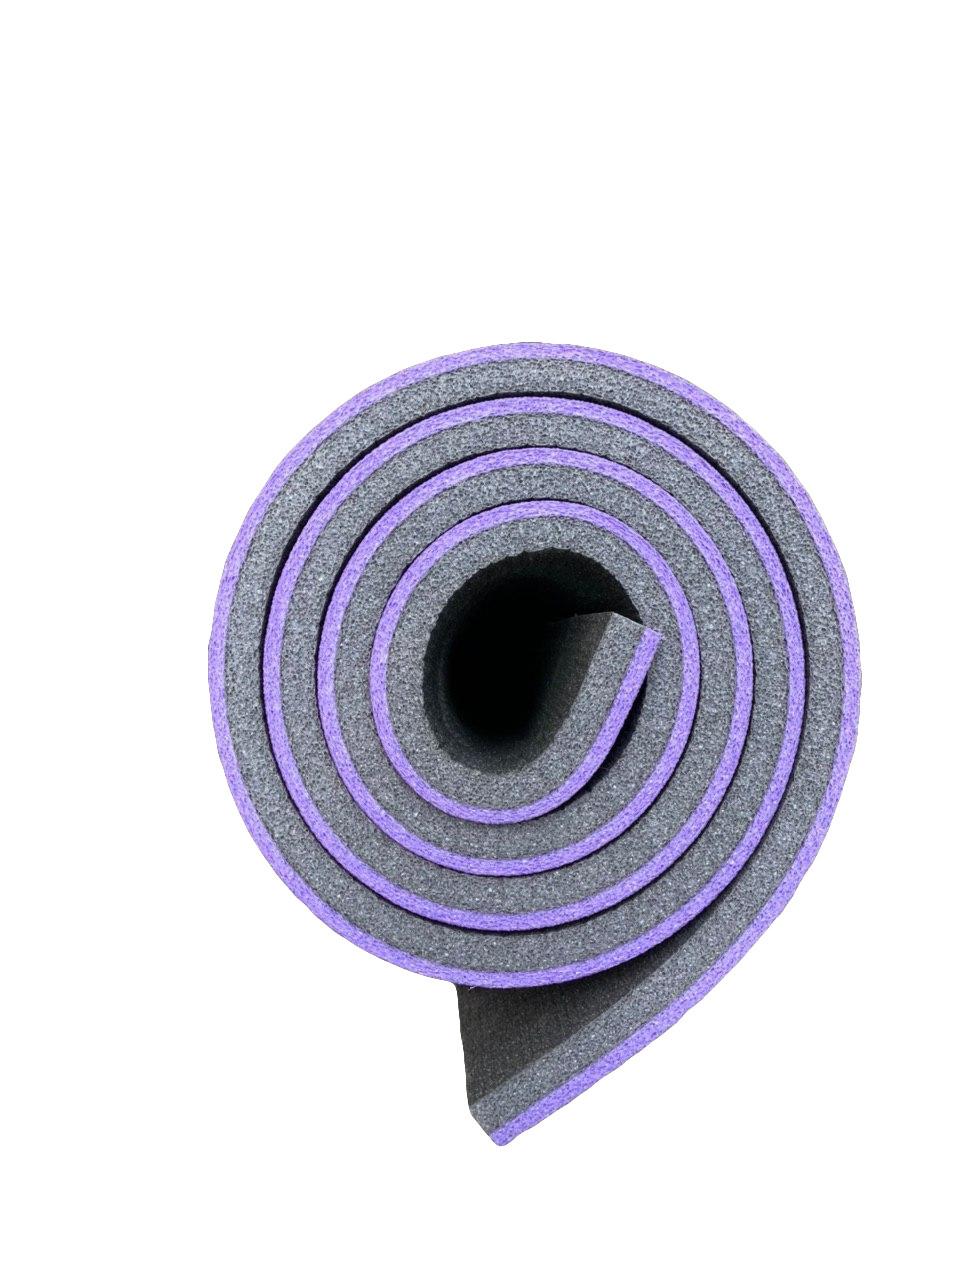 Килимок туристичний, фіолетово-сірий, т. 15 мм, розмір 60х180 см, виробник Україна, TERMOIZOL®